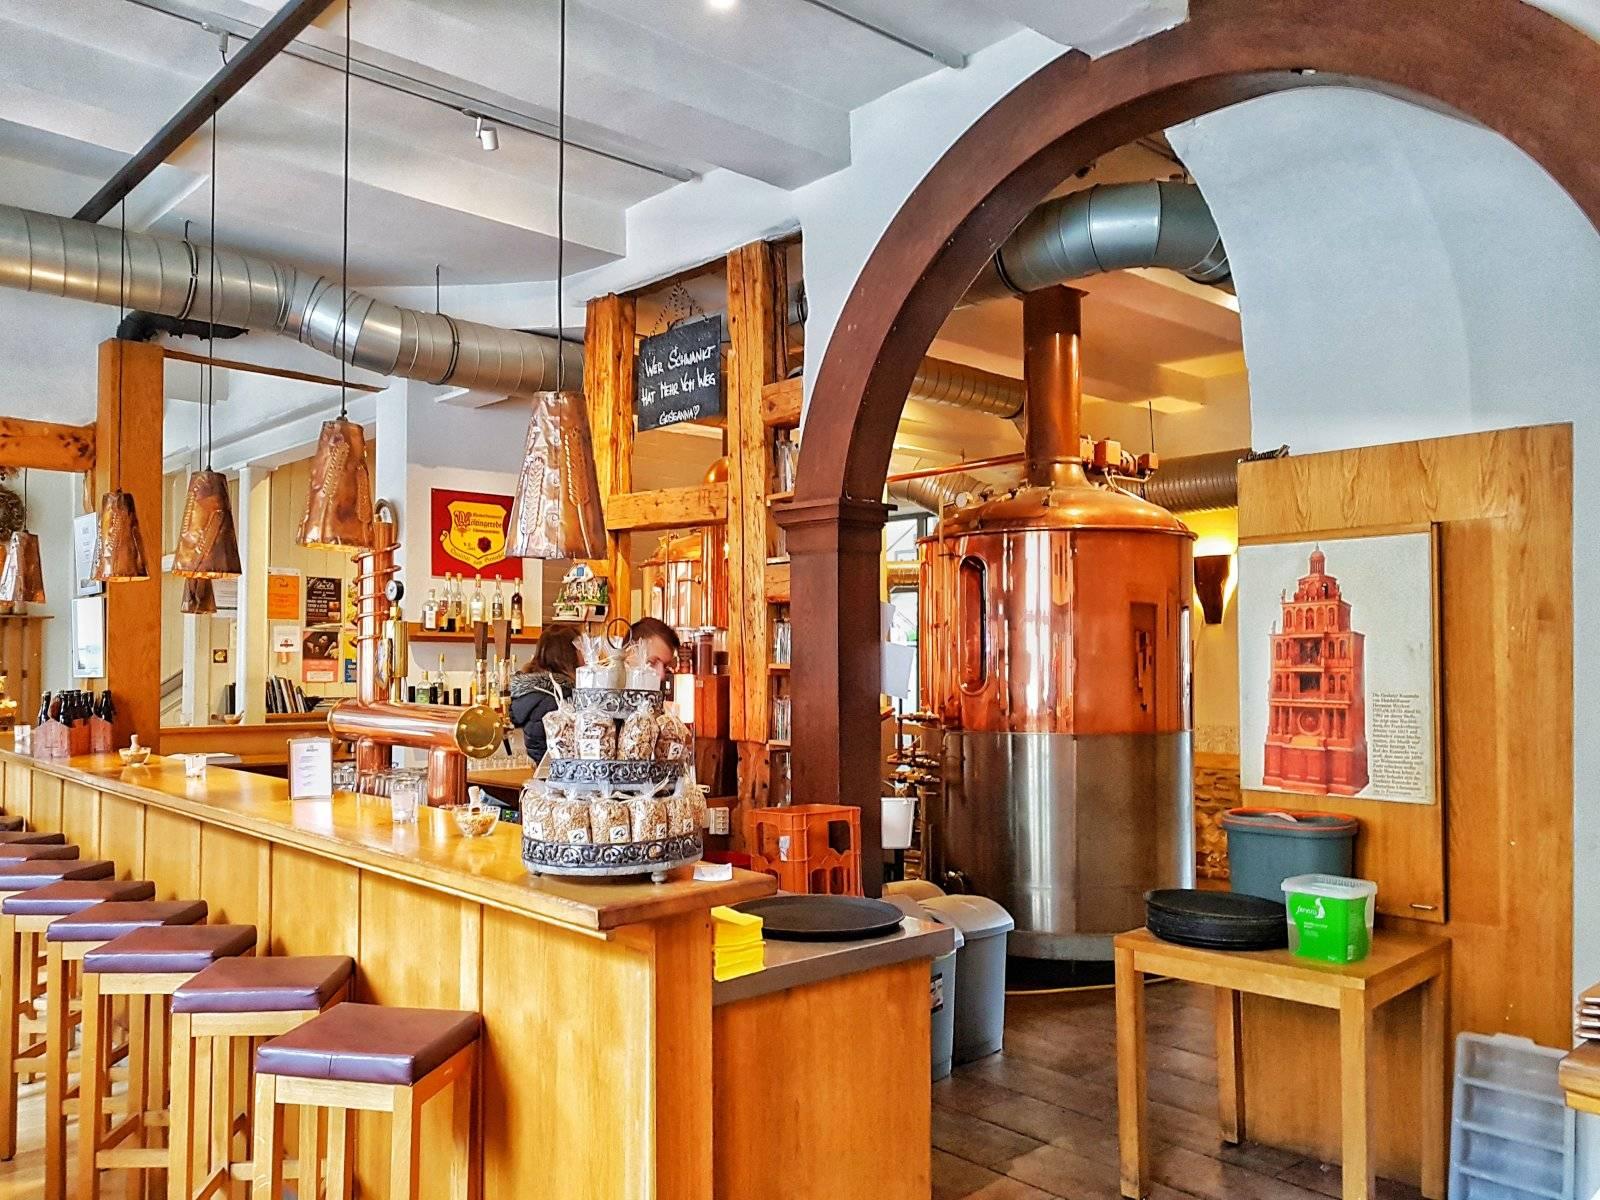 Где поесть в праге вкусно и недорого — топ 7 лучших чешских ресторанов и кафе